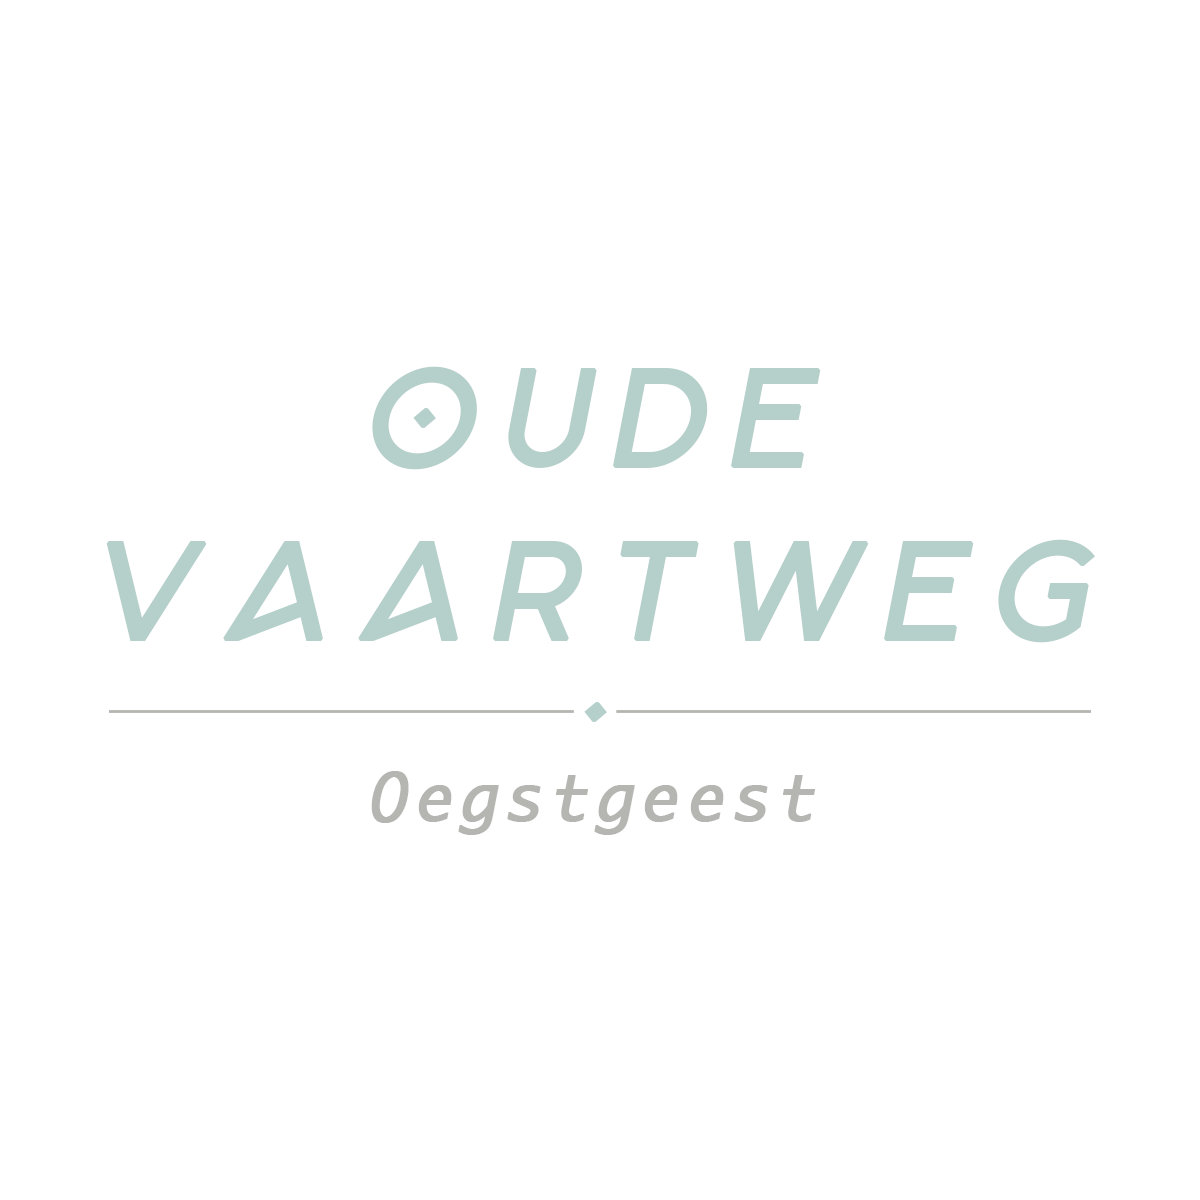 Oude Vaartweg